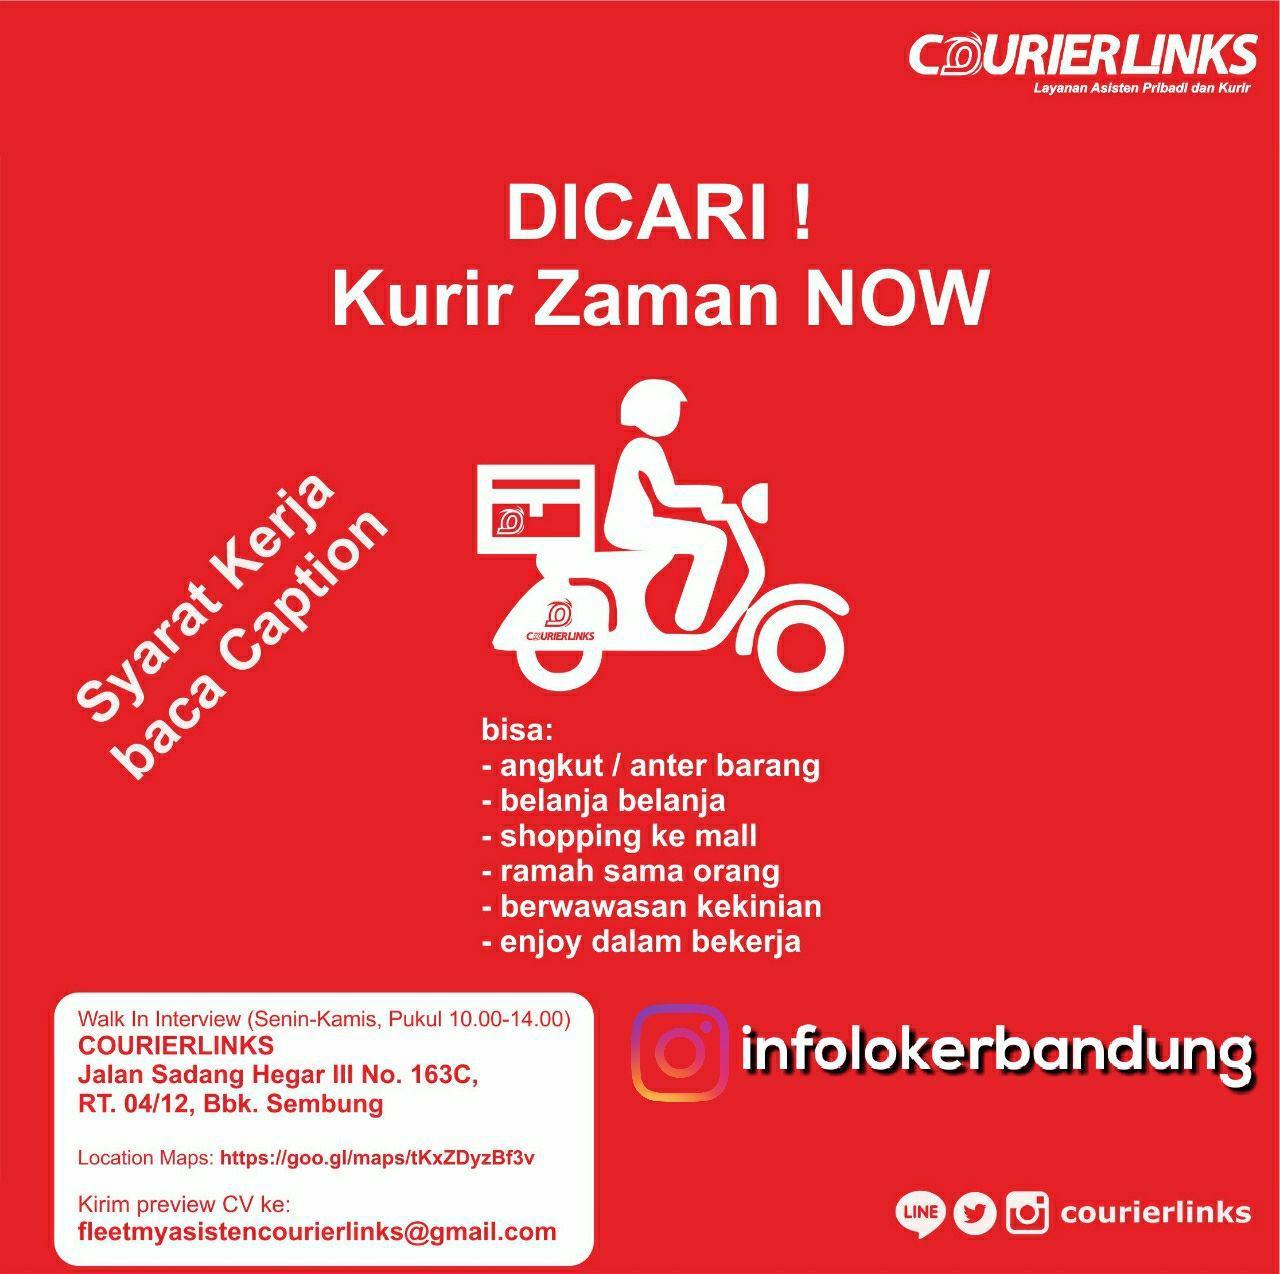 Lowongan Kerja Courier Links Bandung Desember 2017